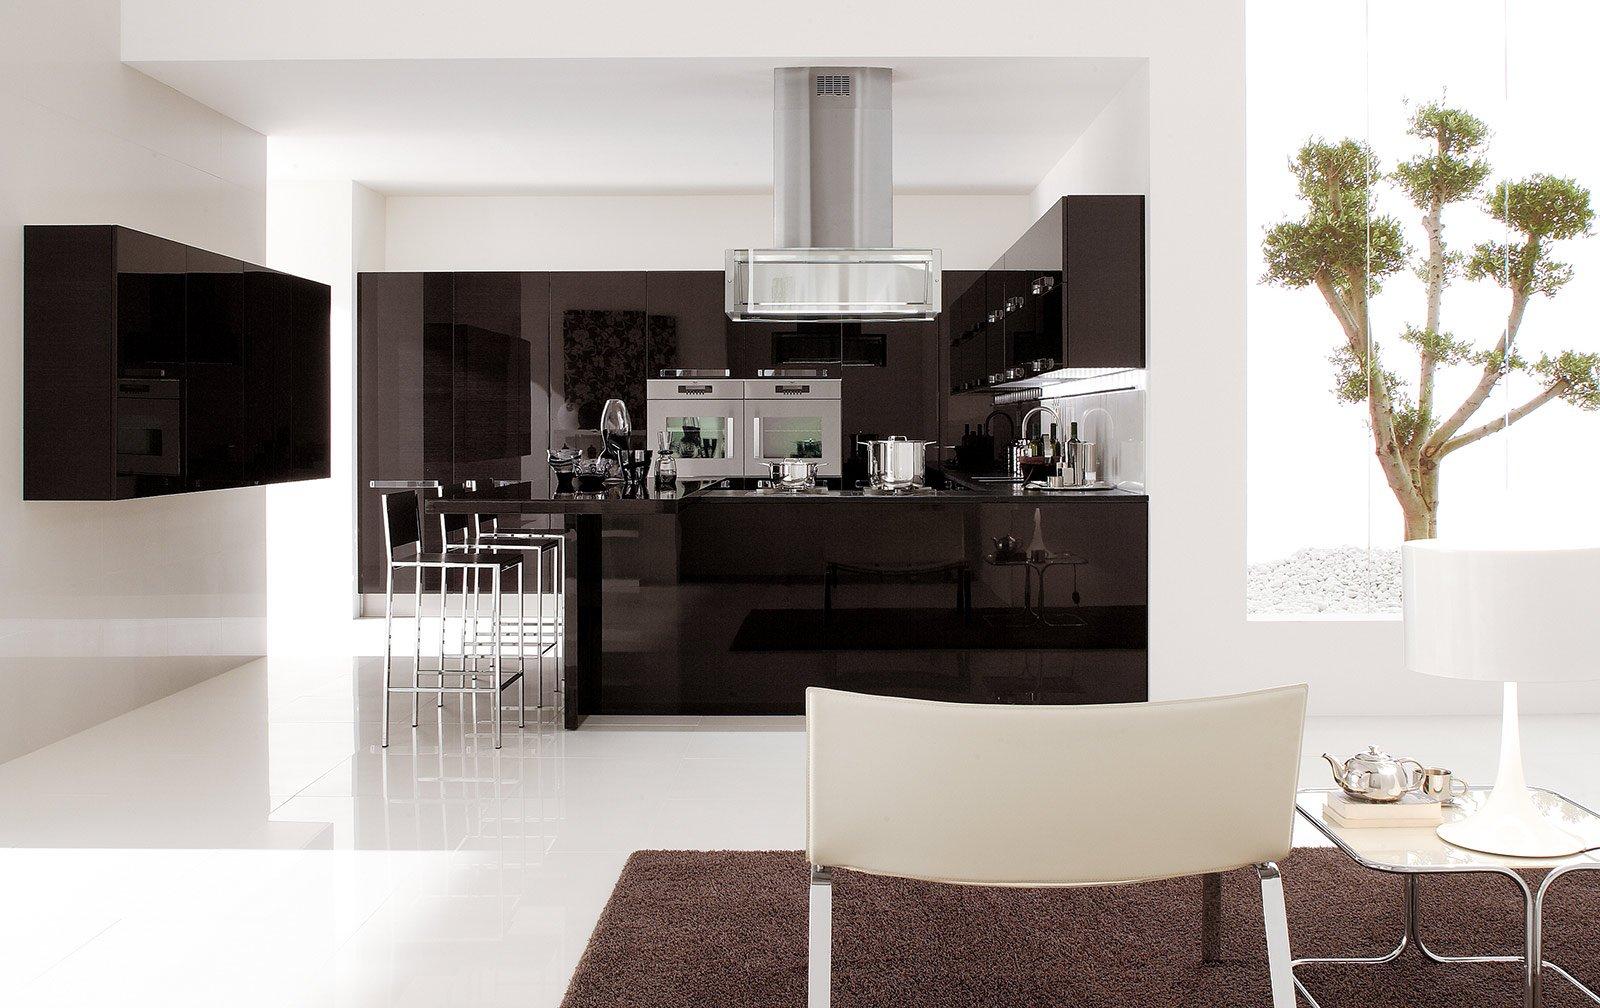 Cucine modelli dall 39 anima green cose di casa - Cucine la veneta ...